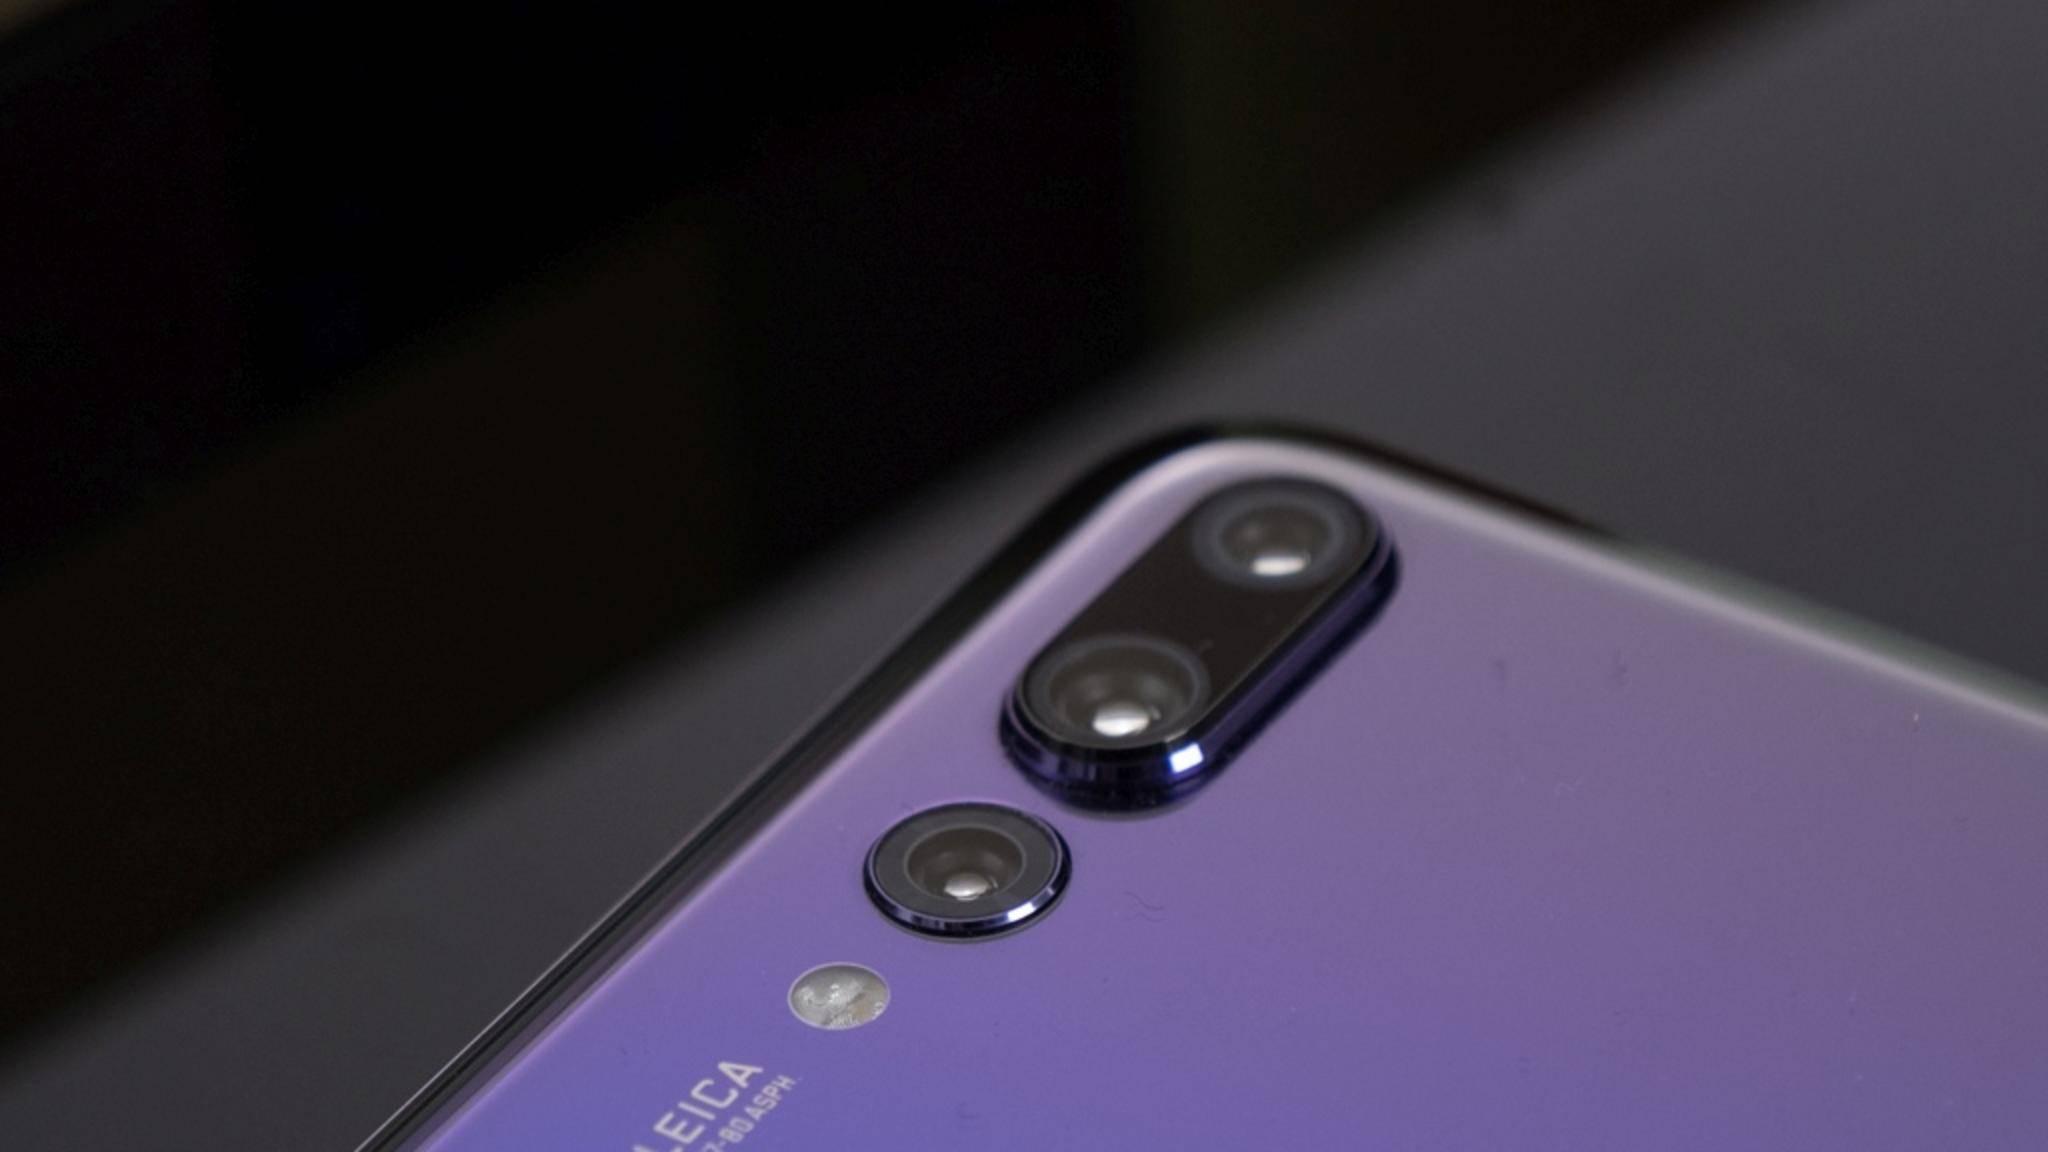 Das Huawei P20 Pro nimmt nun automatisch Zeitlupenvideos auf.